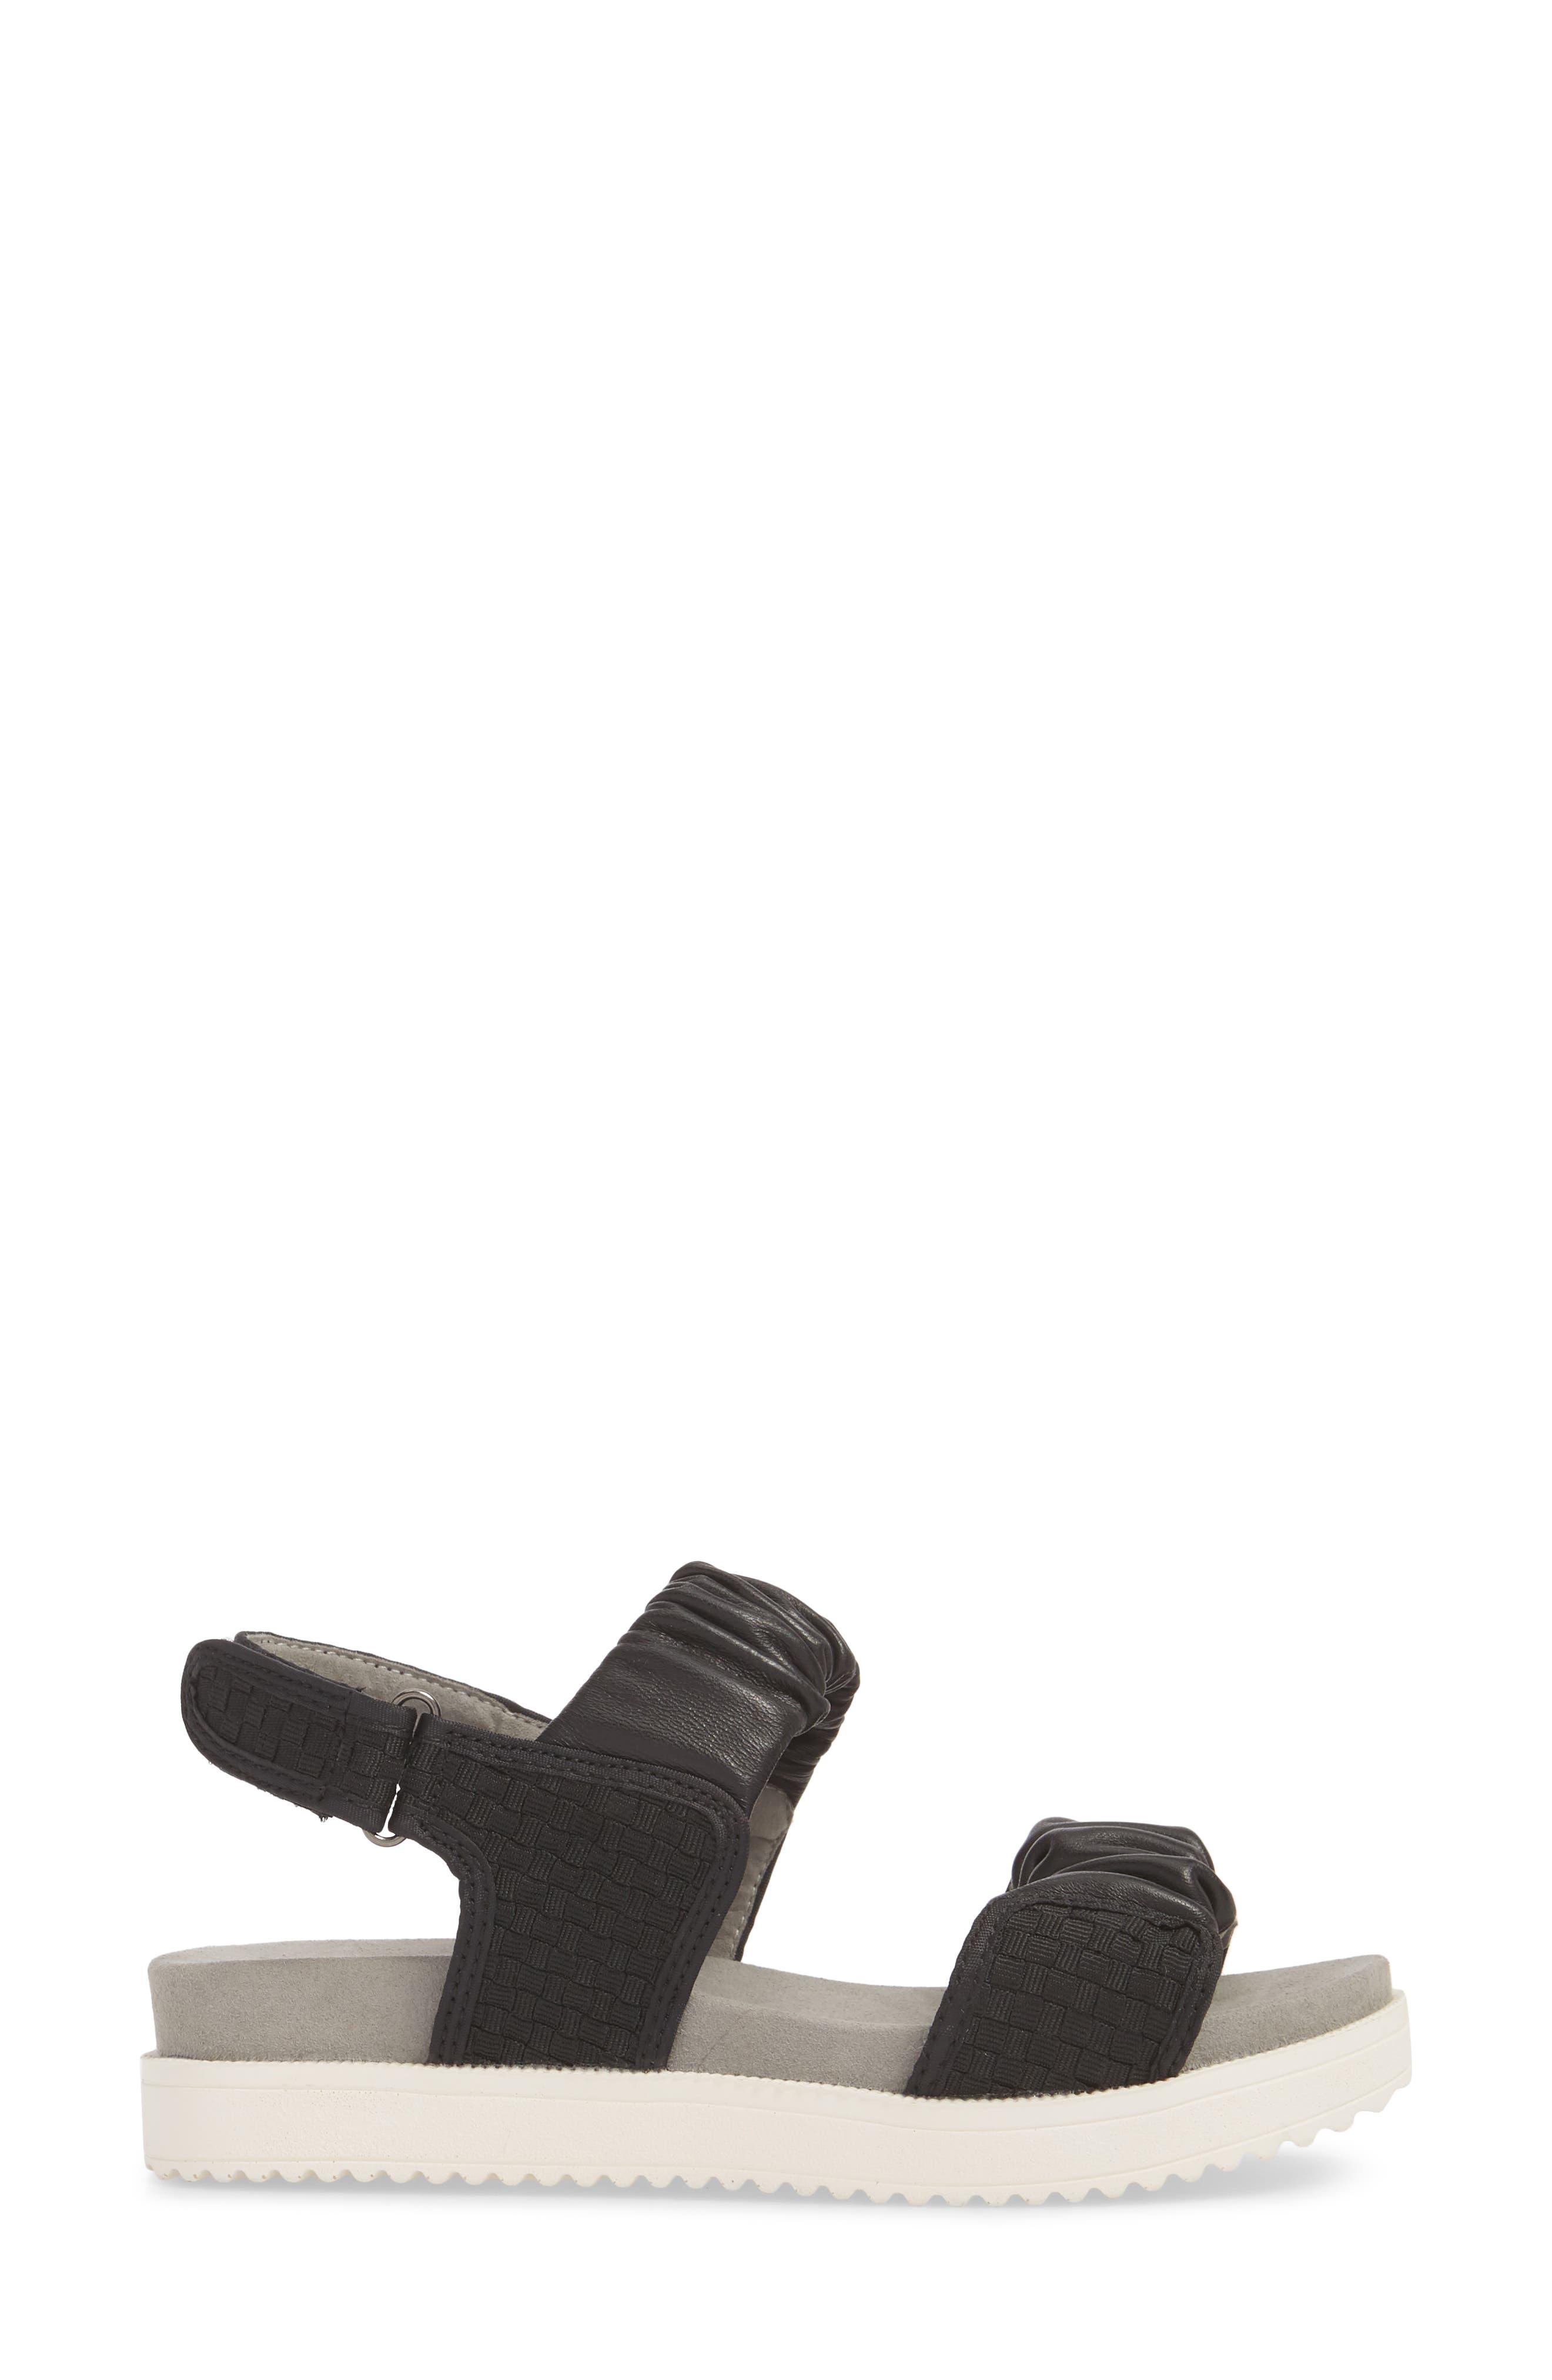 Fiji Sandal,                             Alternate thumbnail 3, color,                             BLACK/ BLACK LEATHER